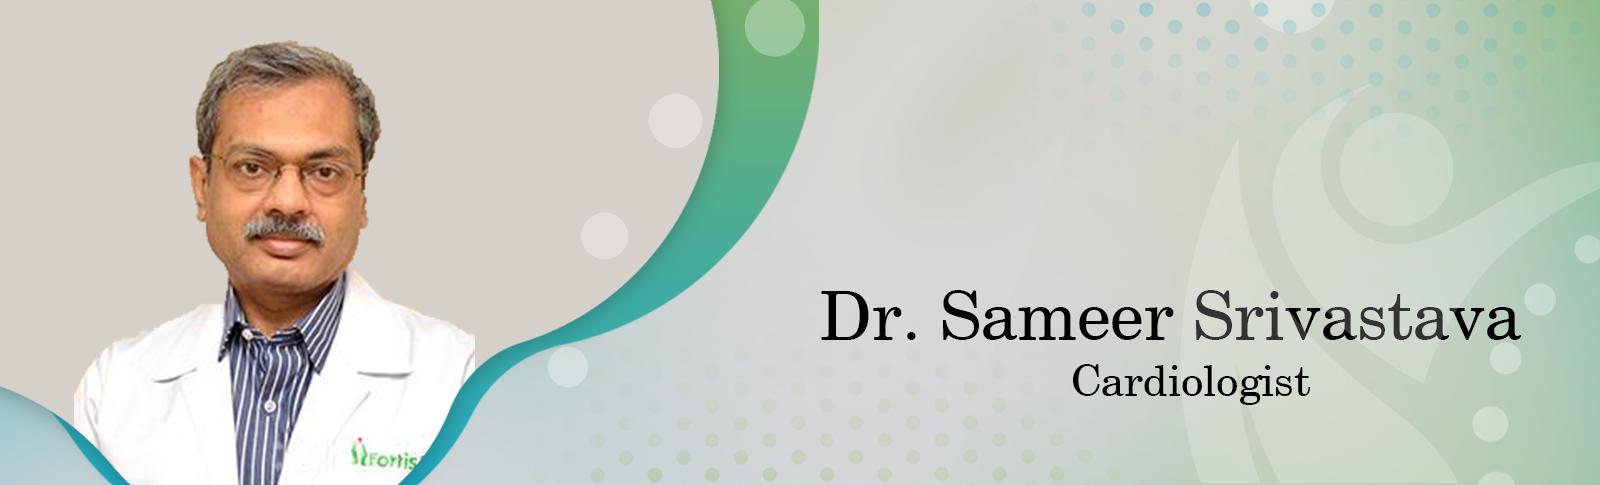 Dr. Sameer Srivastava